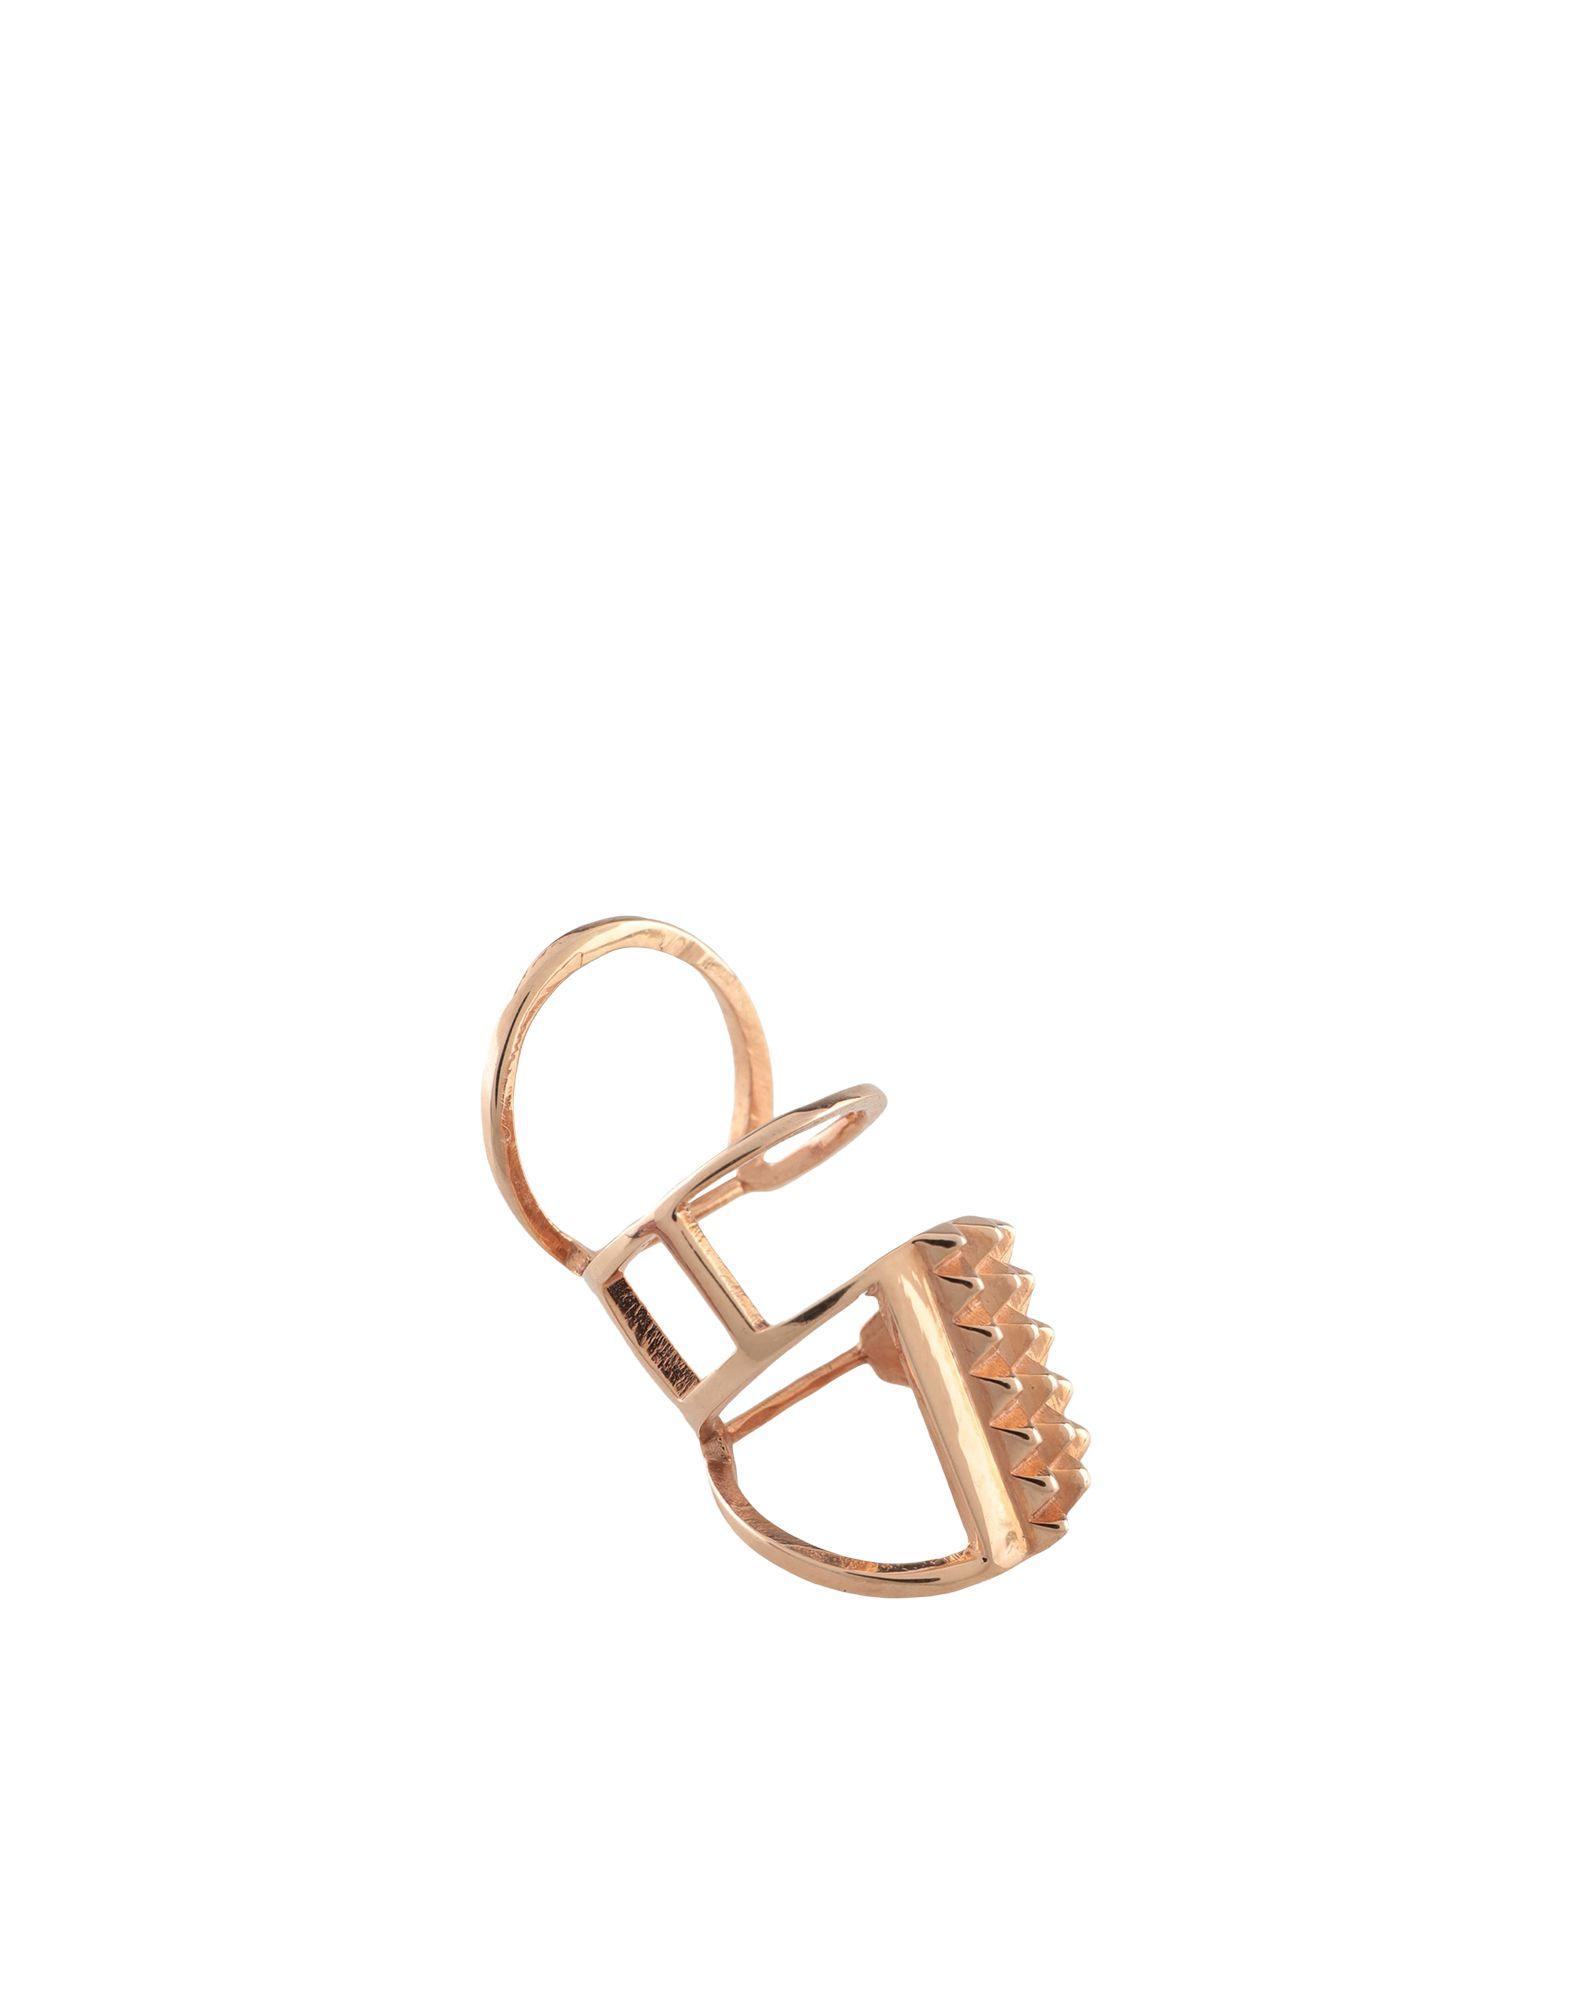 《セール開催中》AAMAYA by PRIYANKA レディース 指輪 カッパー one size シルバー925/1000